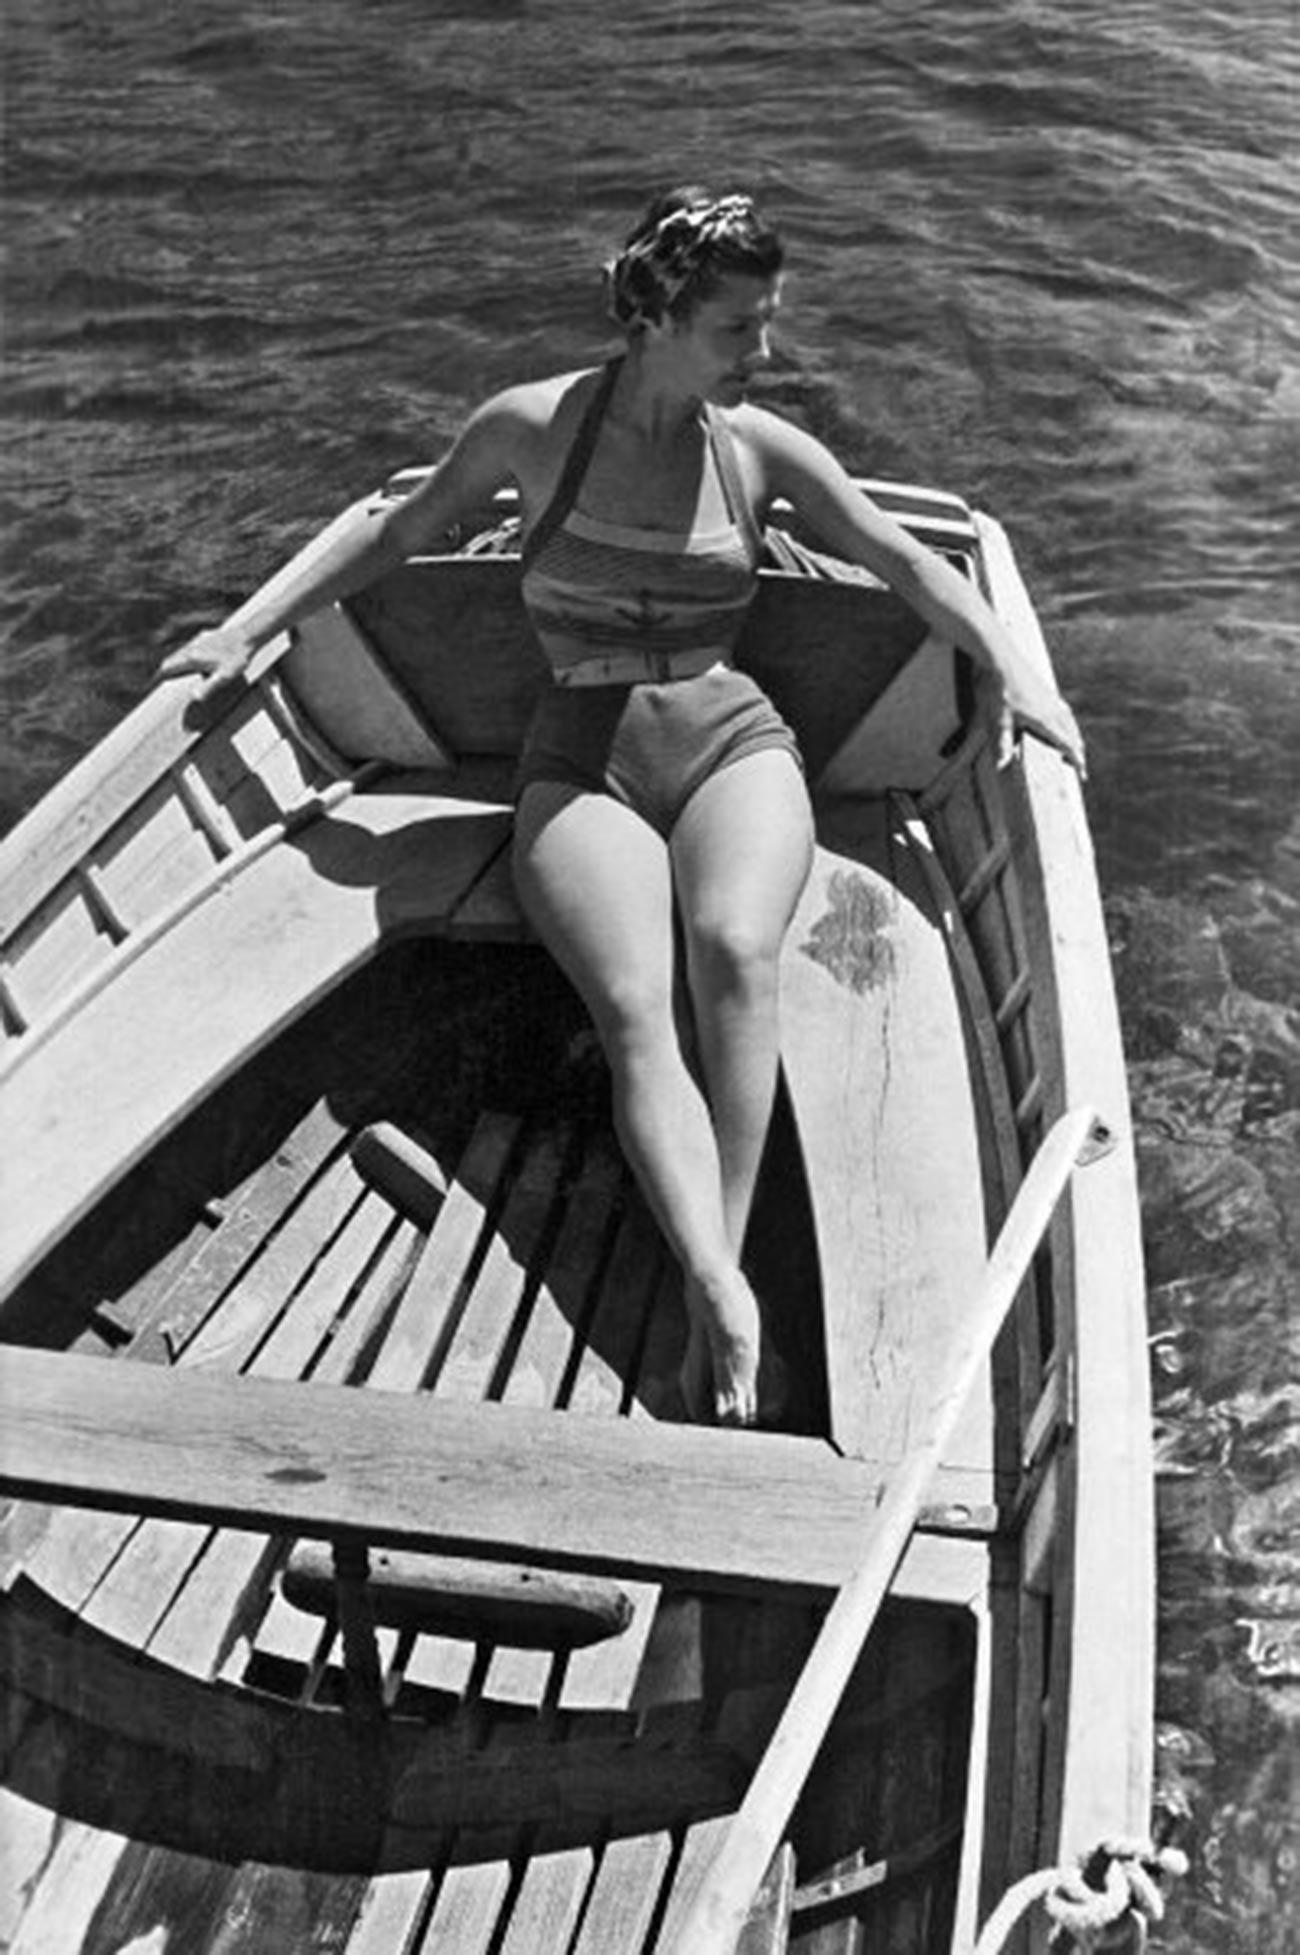 クリミアの休暇にて、1946年